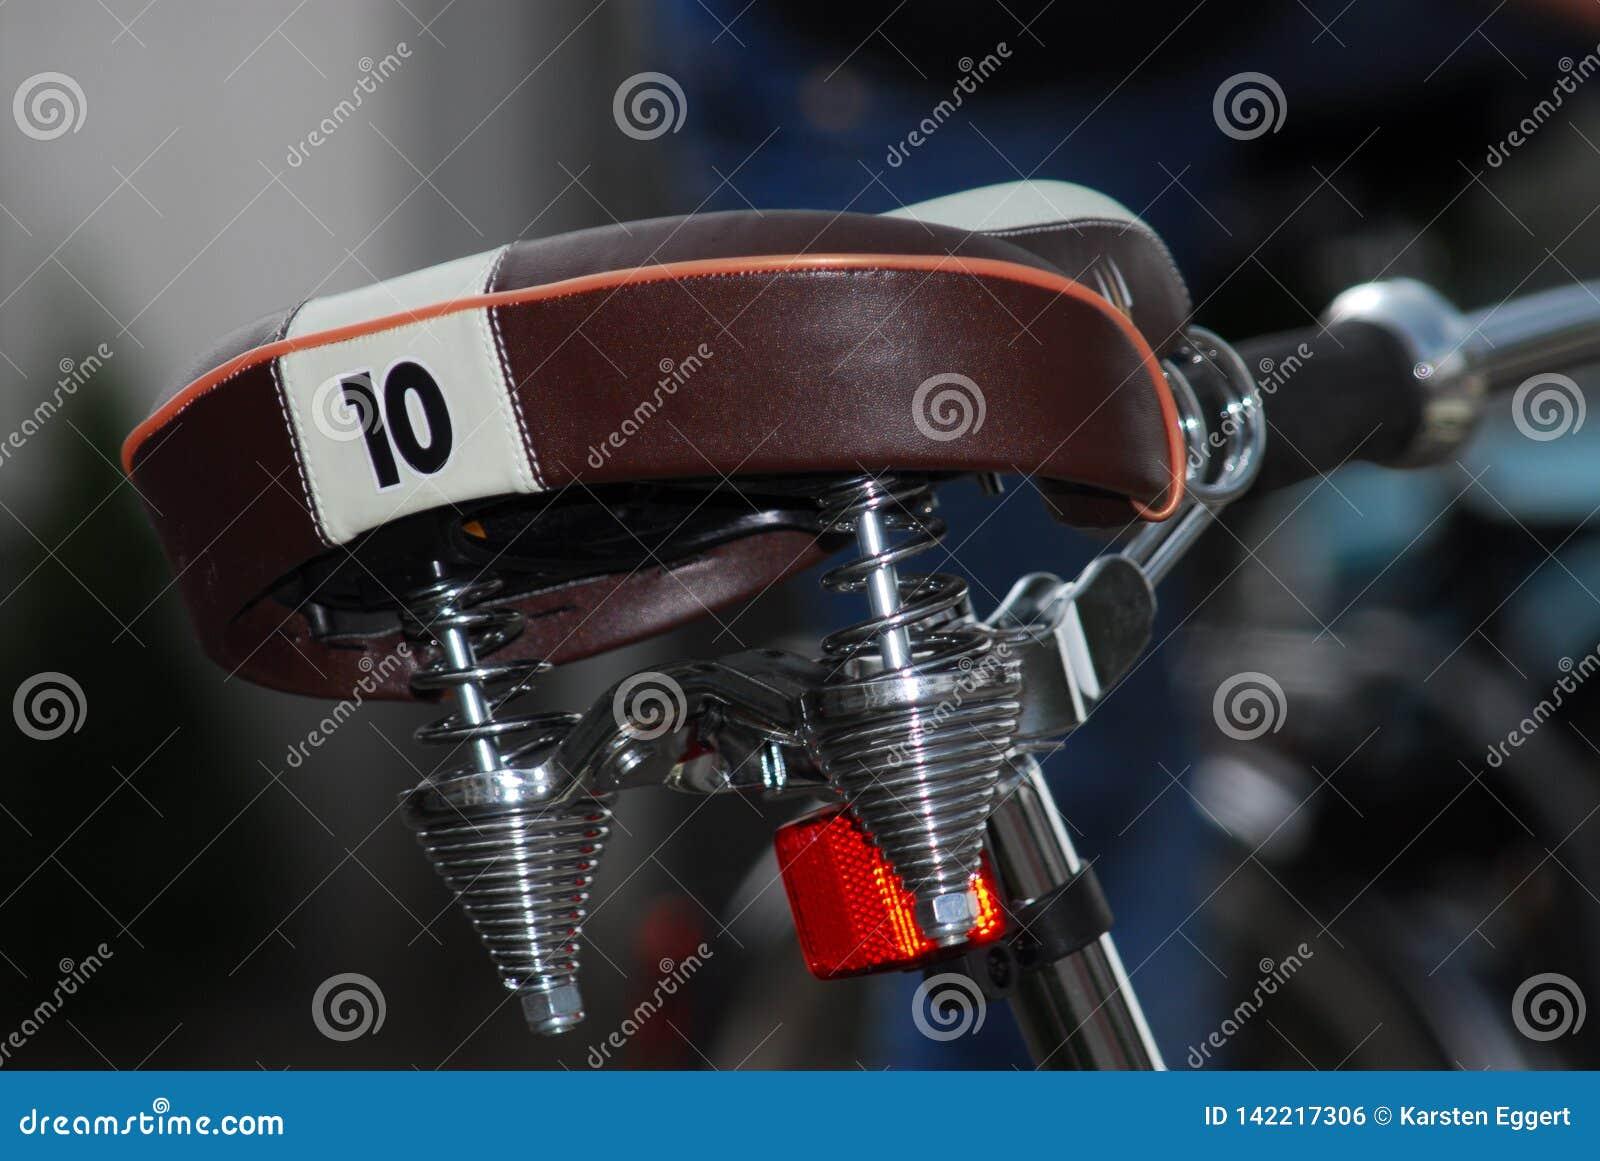 W górę rowerowego comberu z liczbą 10